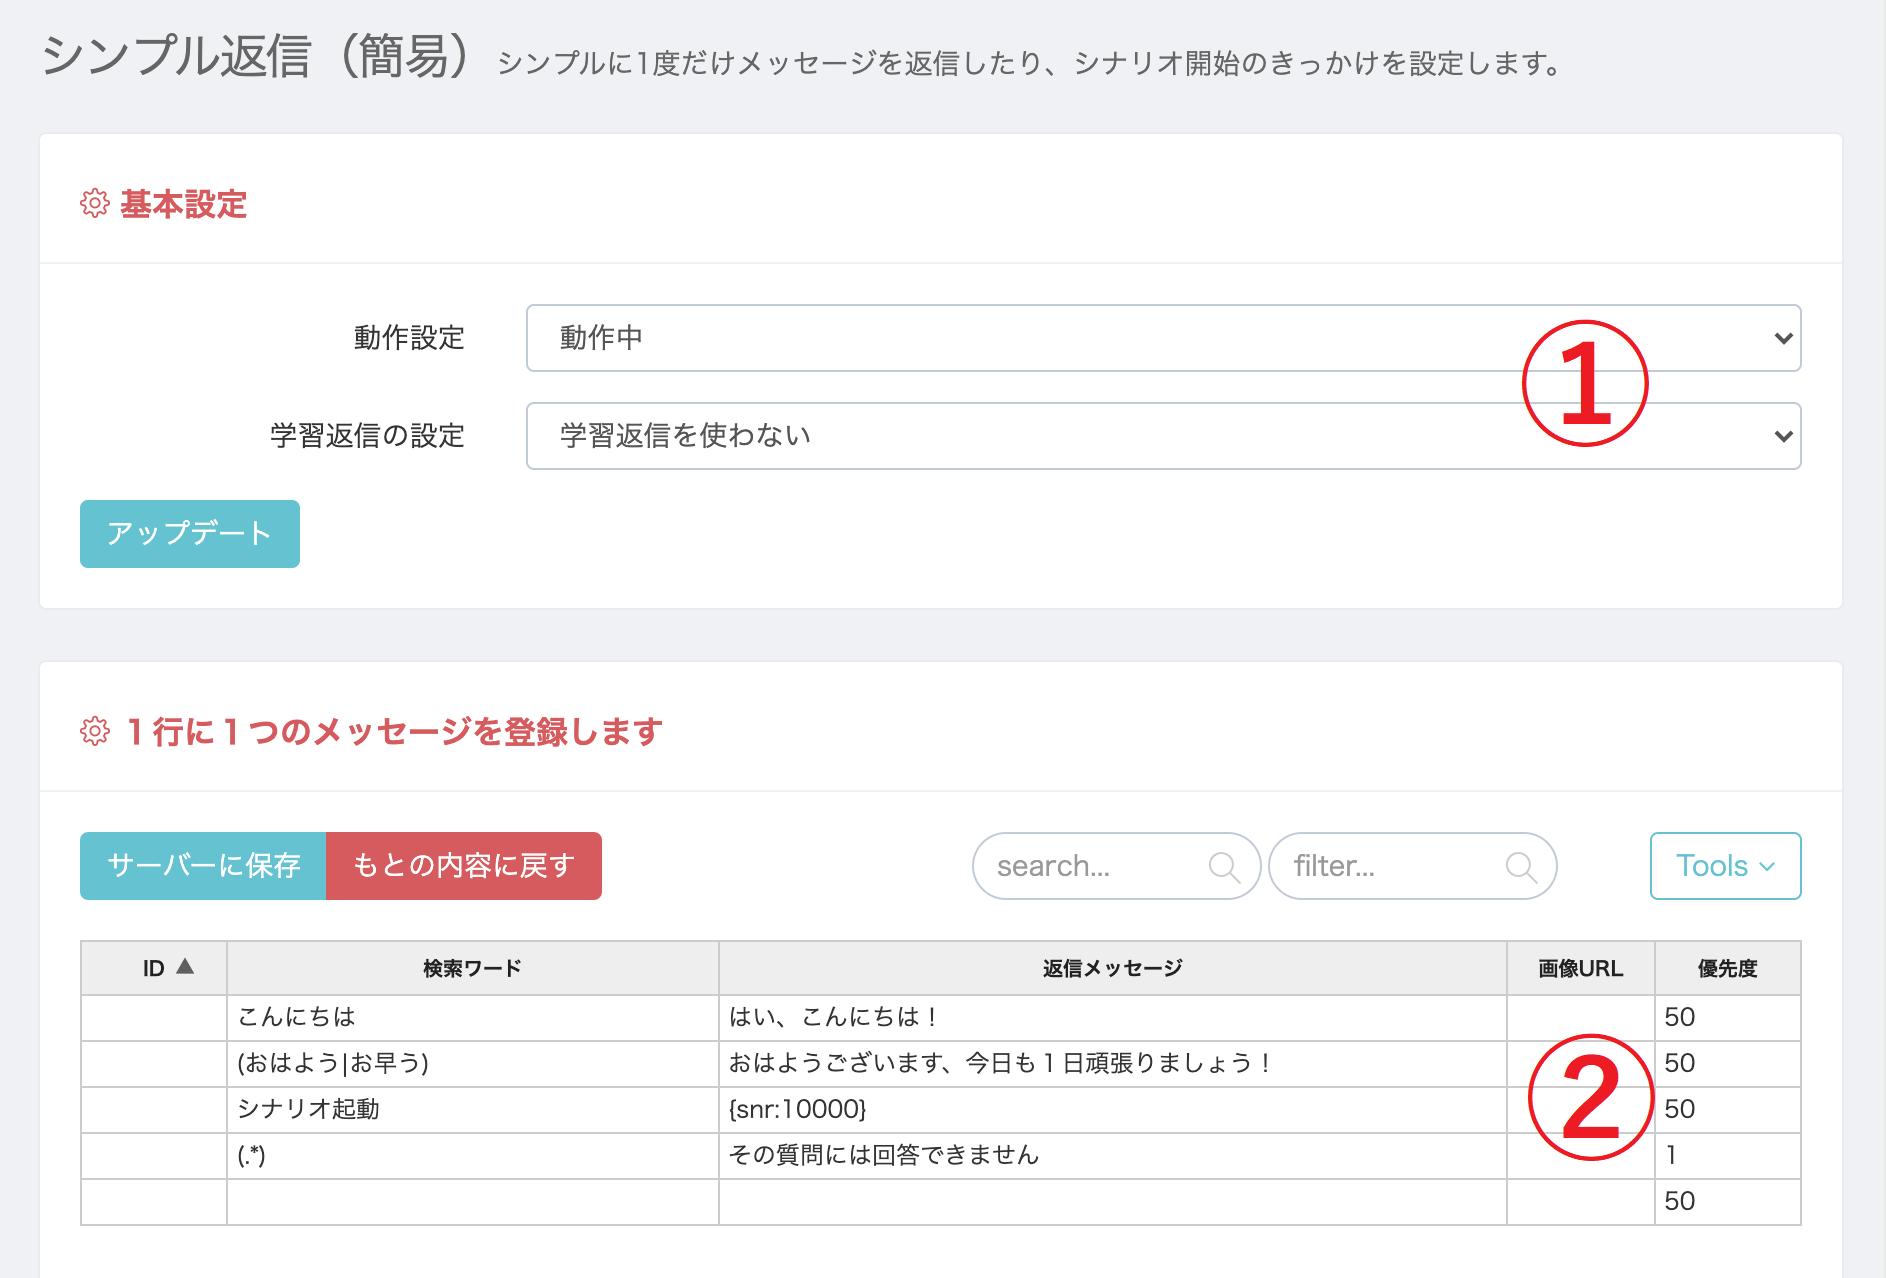 スクリーンショット 2020-09-29 11.44.04 (1)